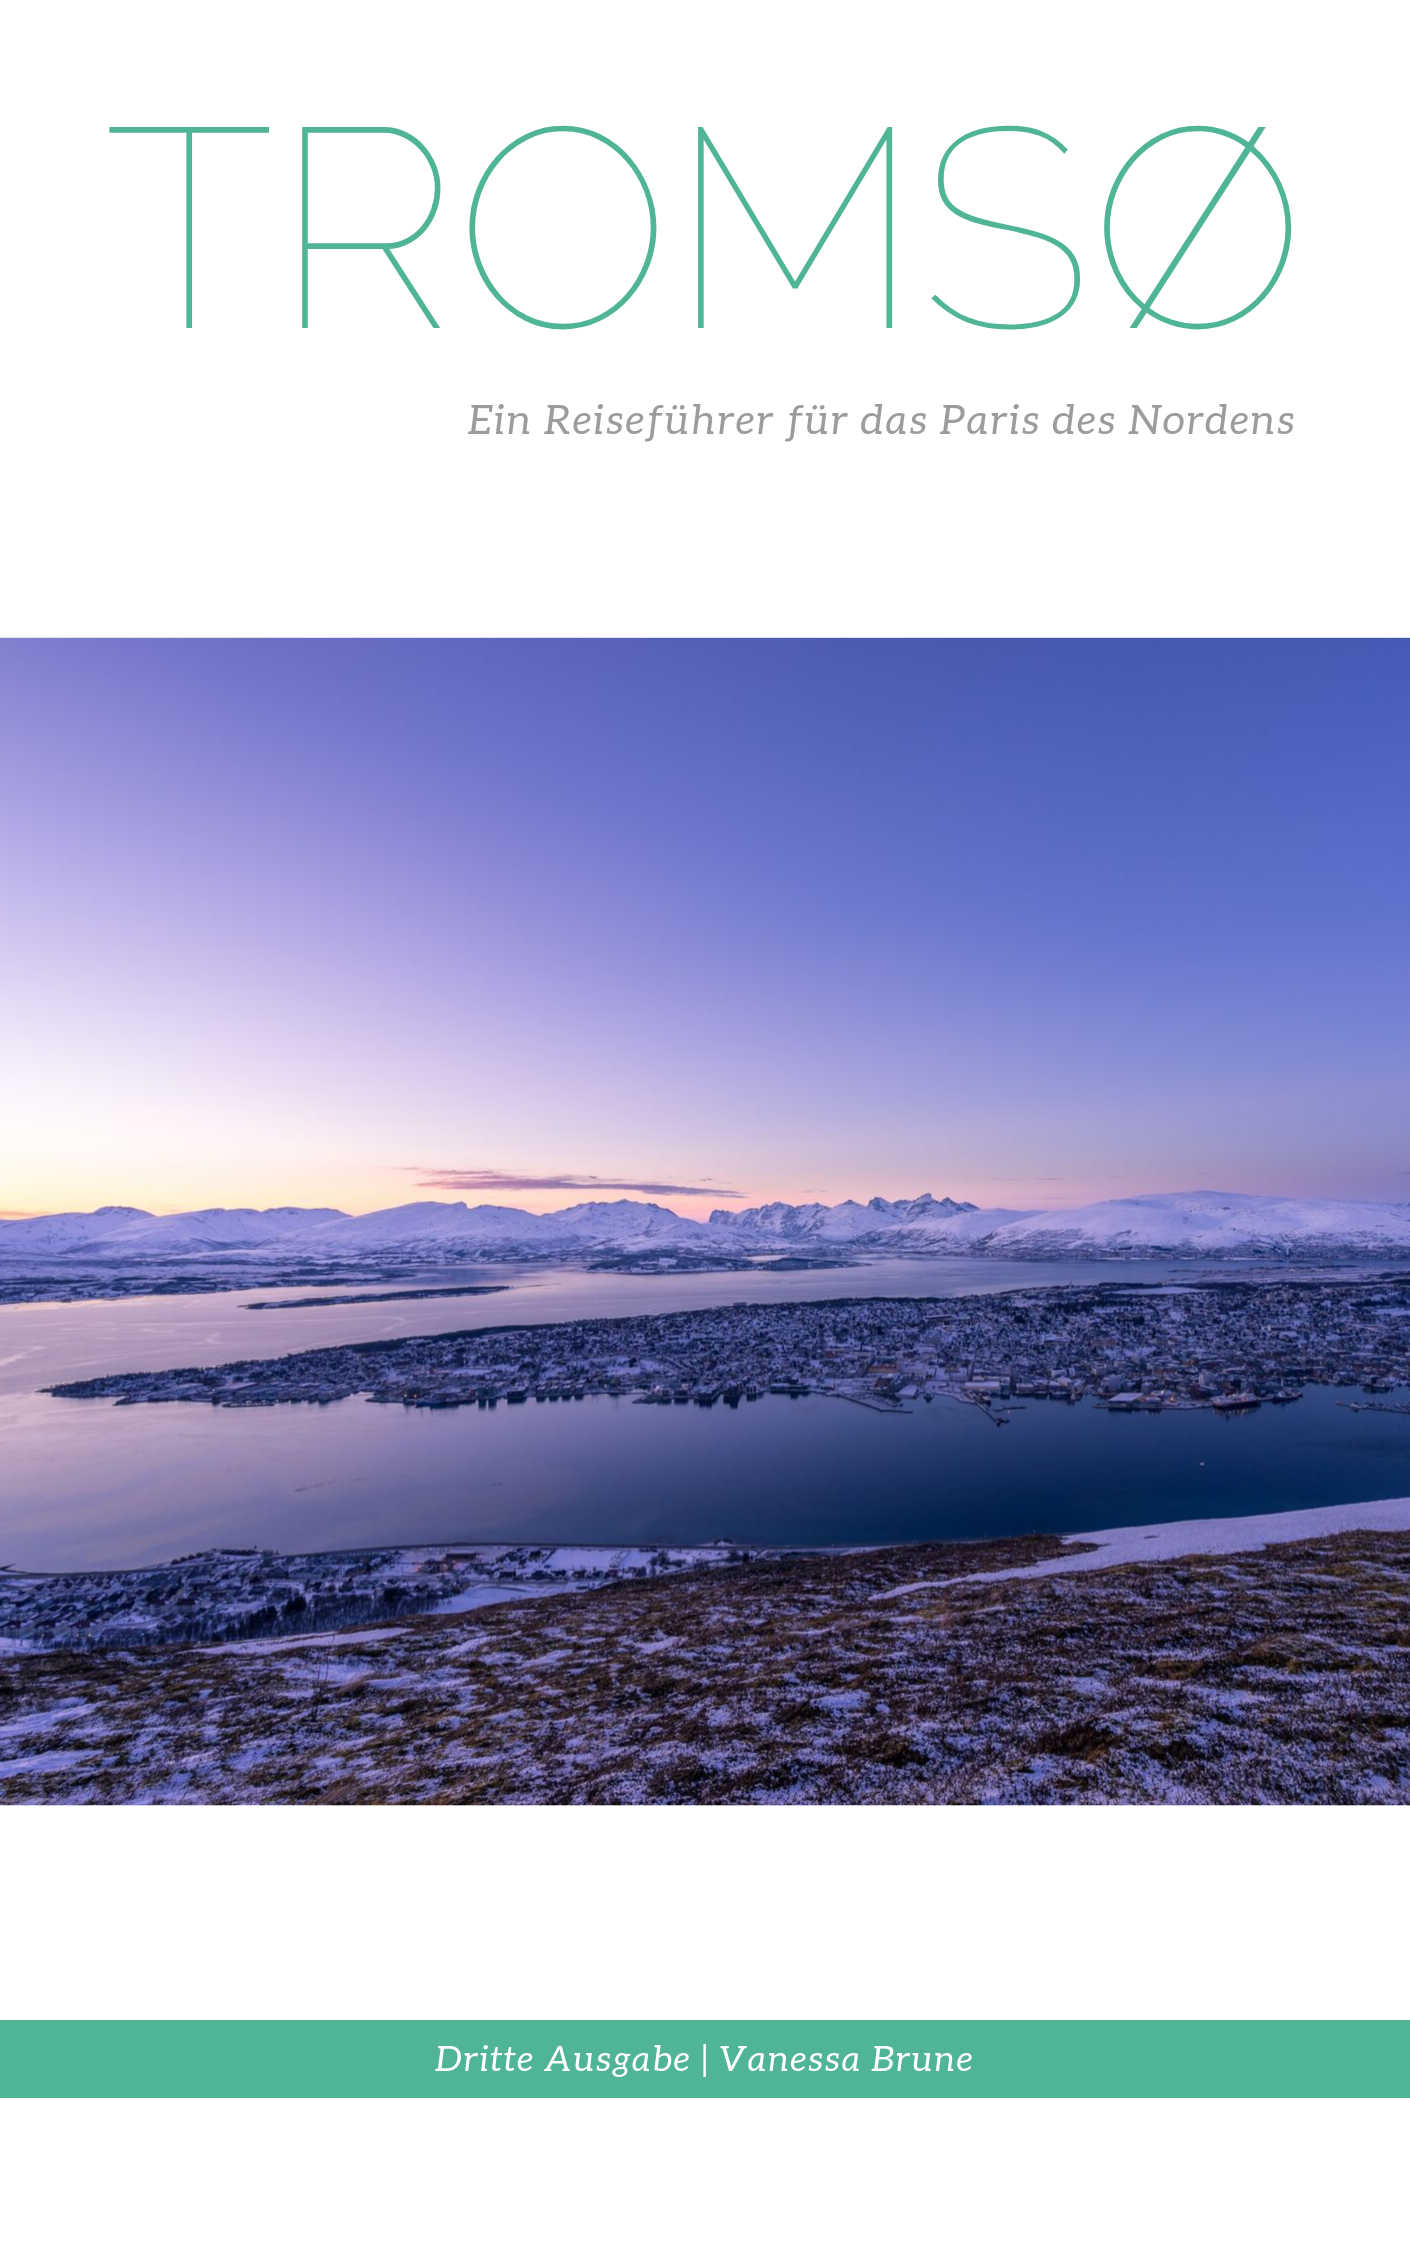 Tromsø Reiseführer.png